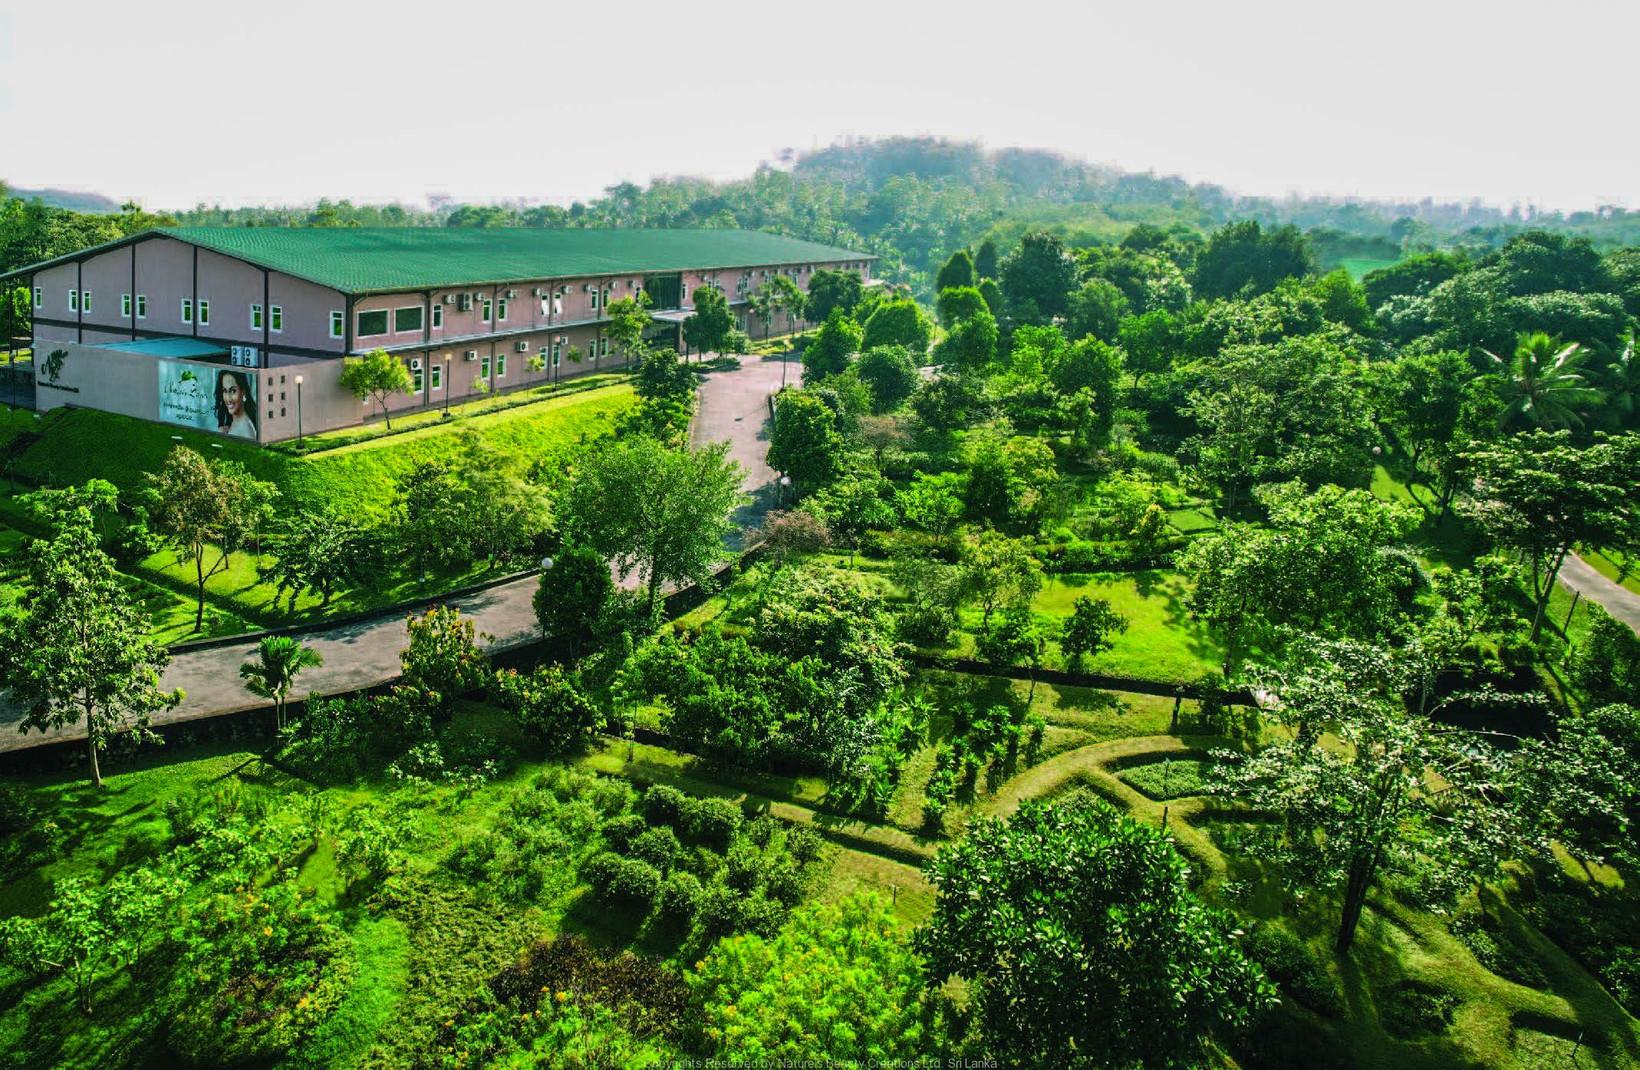 Ganewatta Medicinal Plant Garden